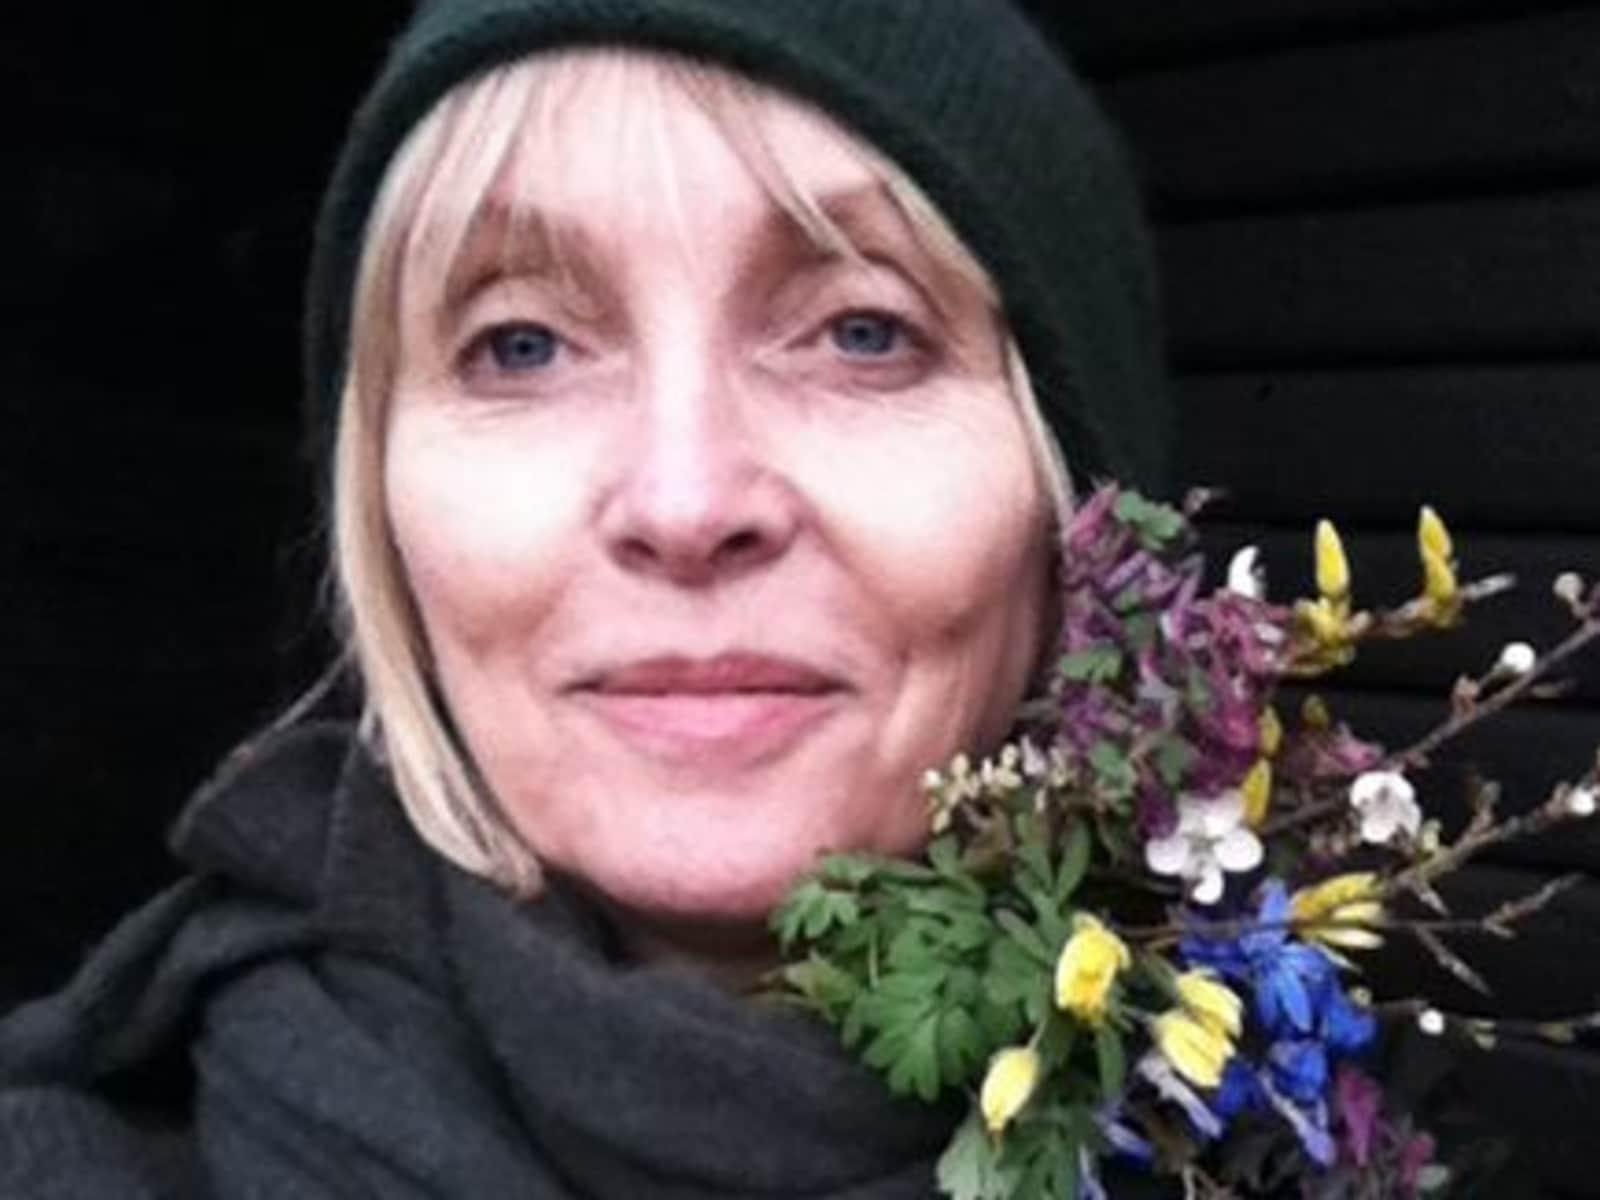 Annelise from Copenhagen, Denmark